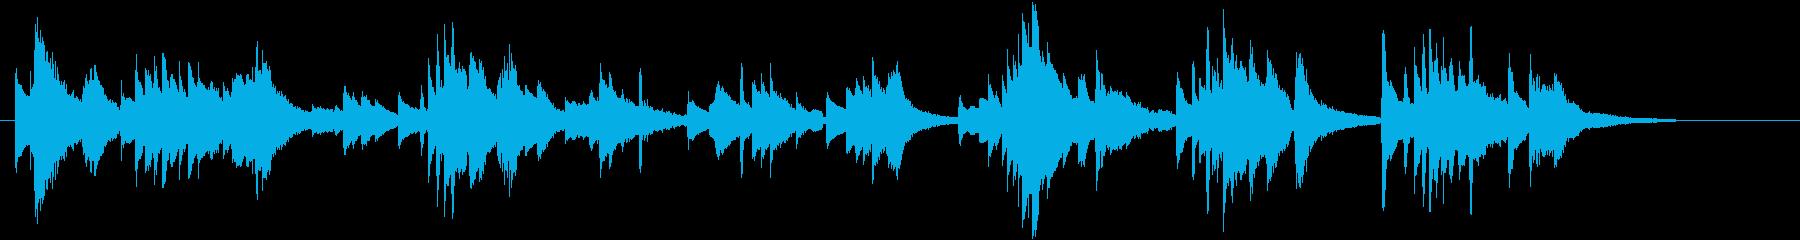 幻想的・神秘的な癒し系ピアノとアコギの再生済みの波形